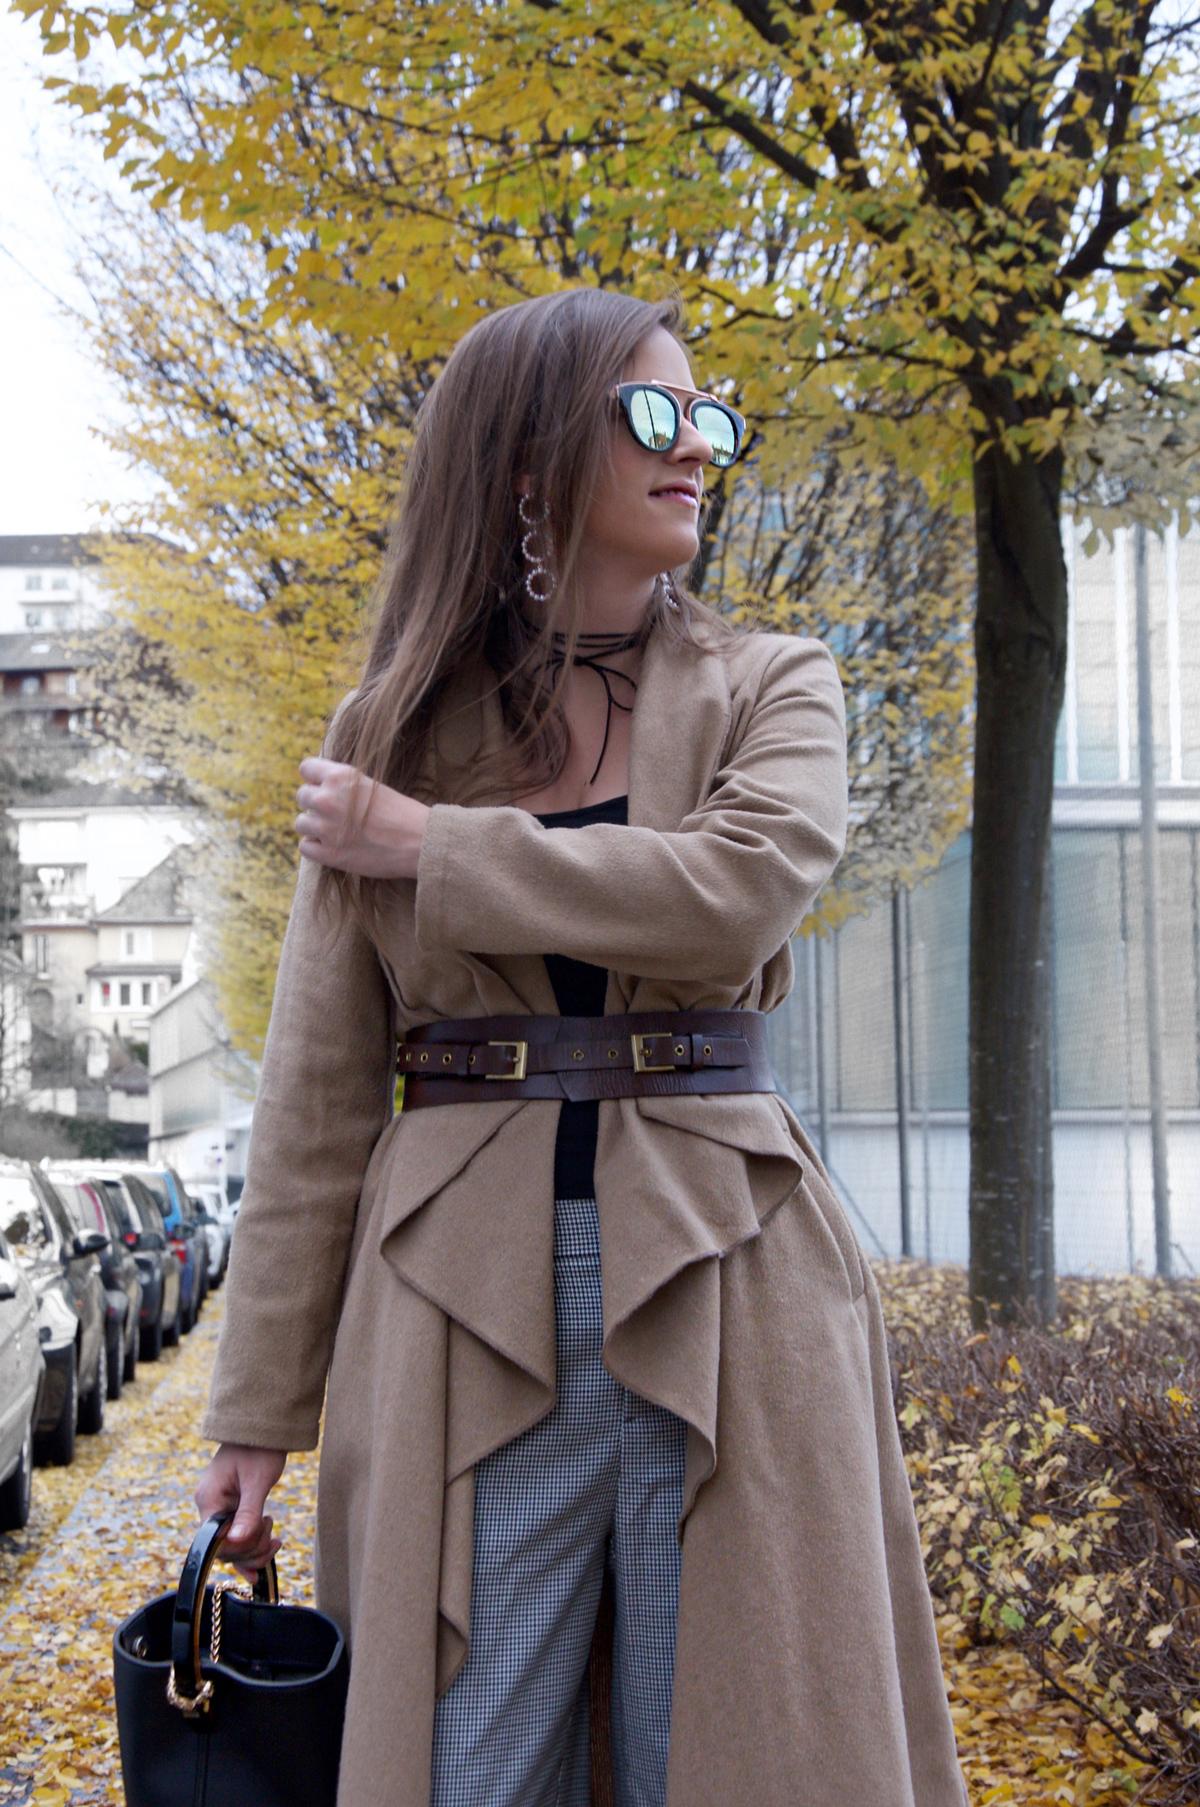 Andrea Steiner vom Mode blog Strawberries & Champagne zeigt Klamotten für den Herbst.